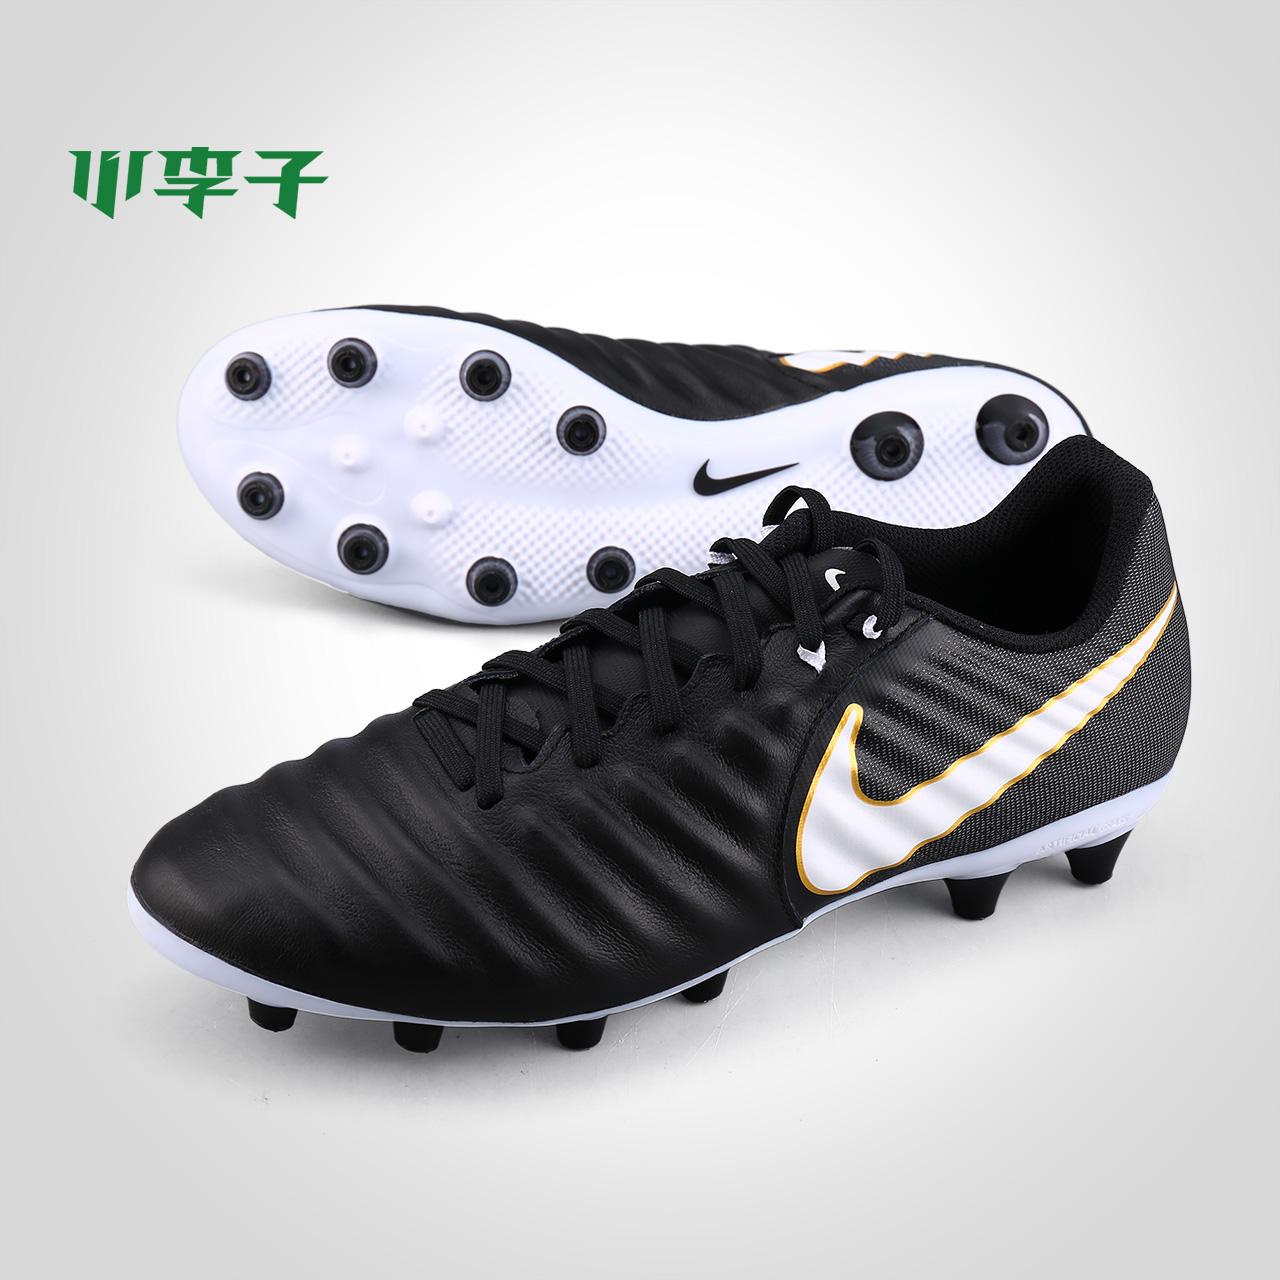 небольшой сливы: счетчики Nike Air TIEMPO легенда искусственной травы AG футбольная обувь 897743-002 7